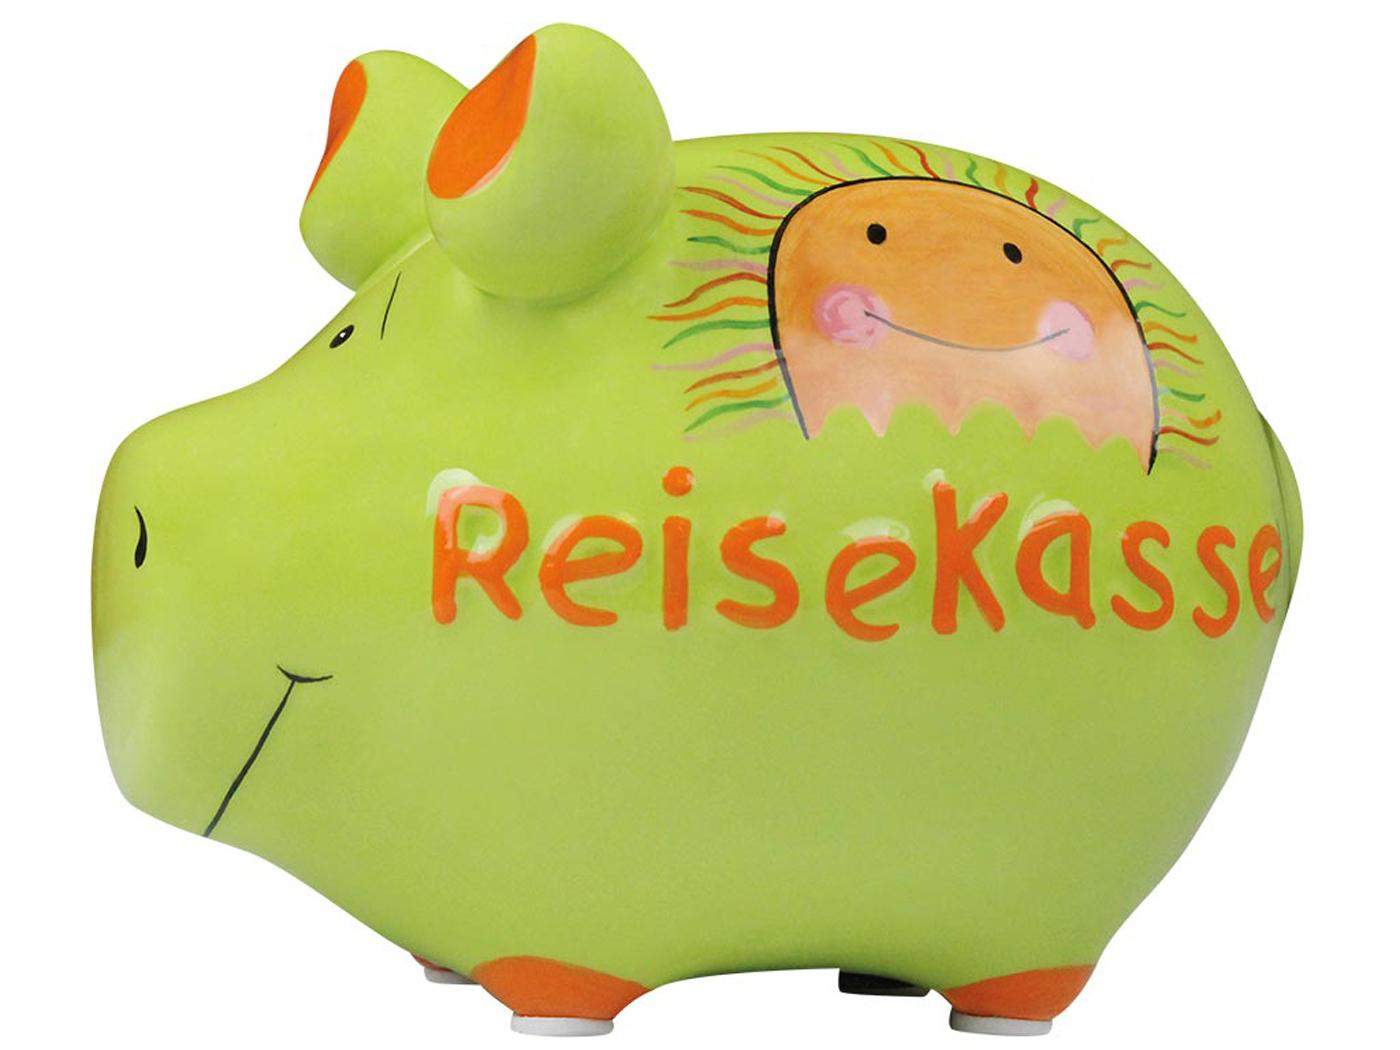 Sparschwein Spardose Sparbüchse Reisekasse Keramik Hochzeit Geldgeschenk